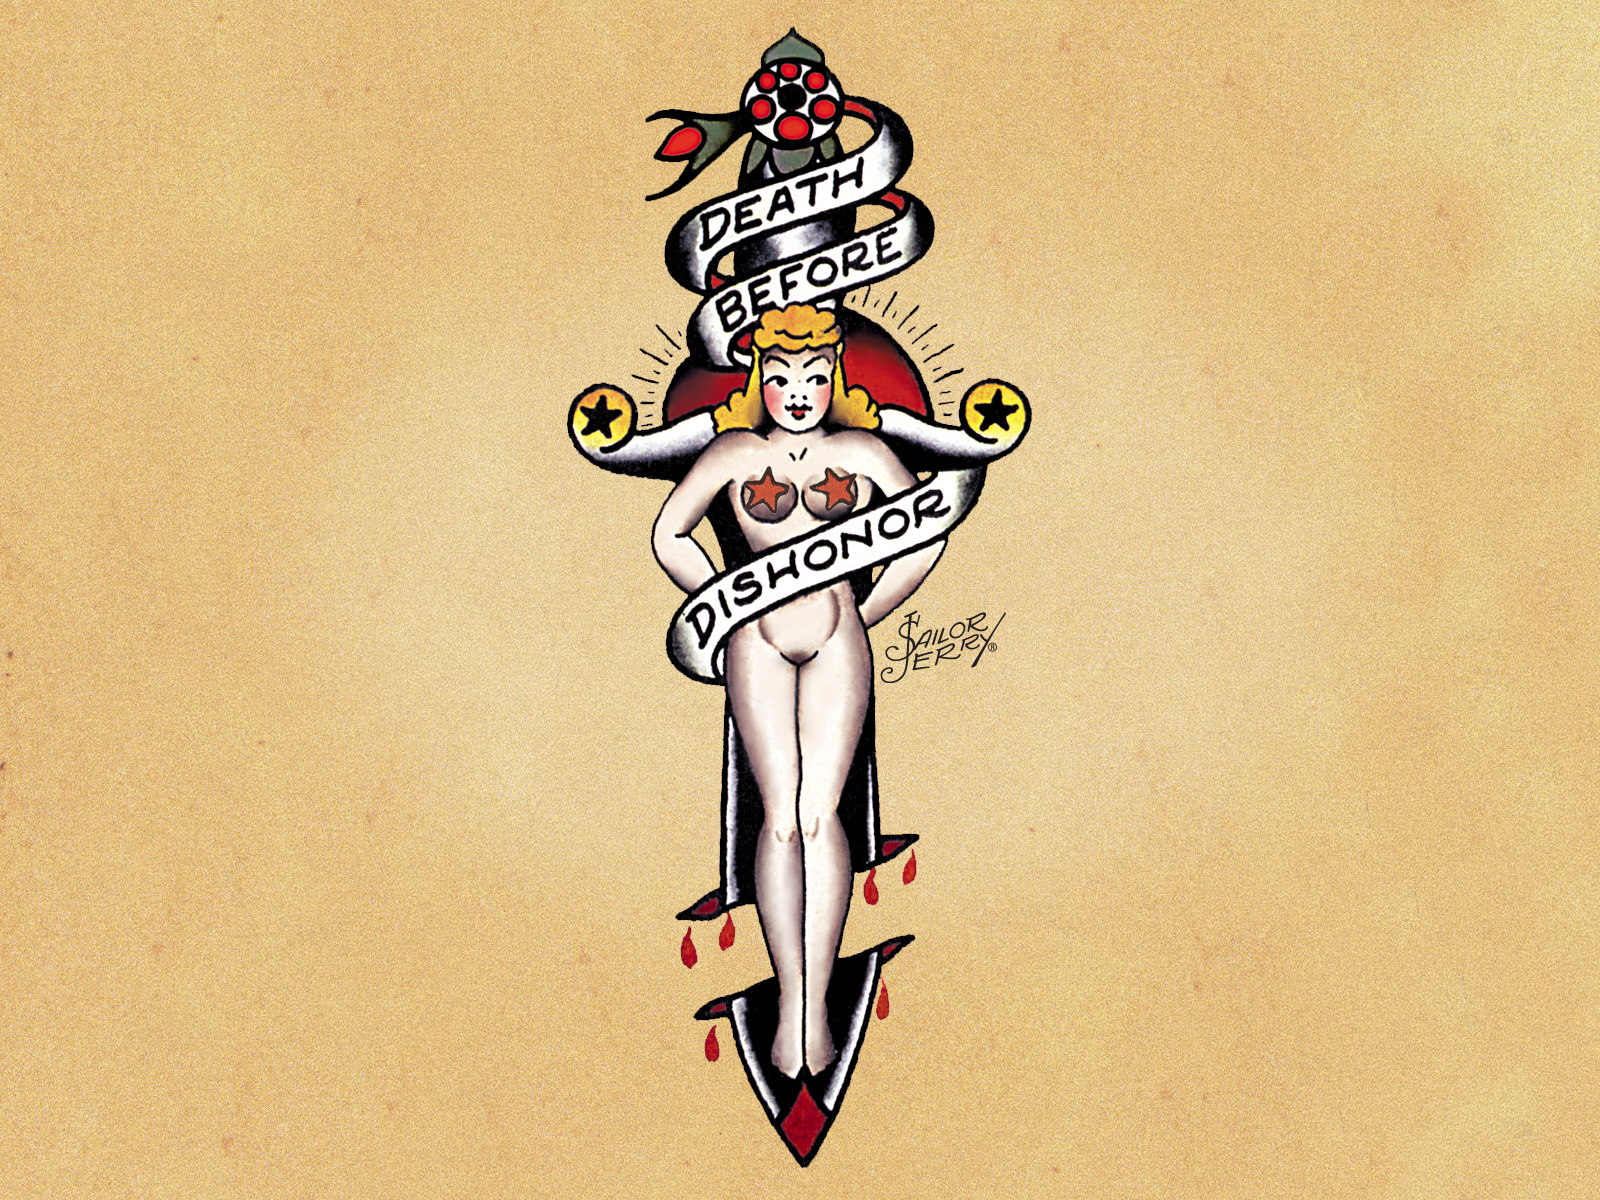 Sailor jerry girl pin up